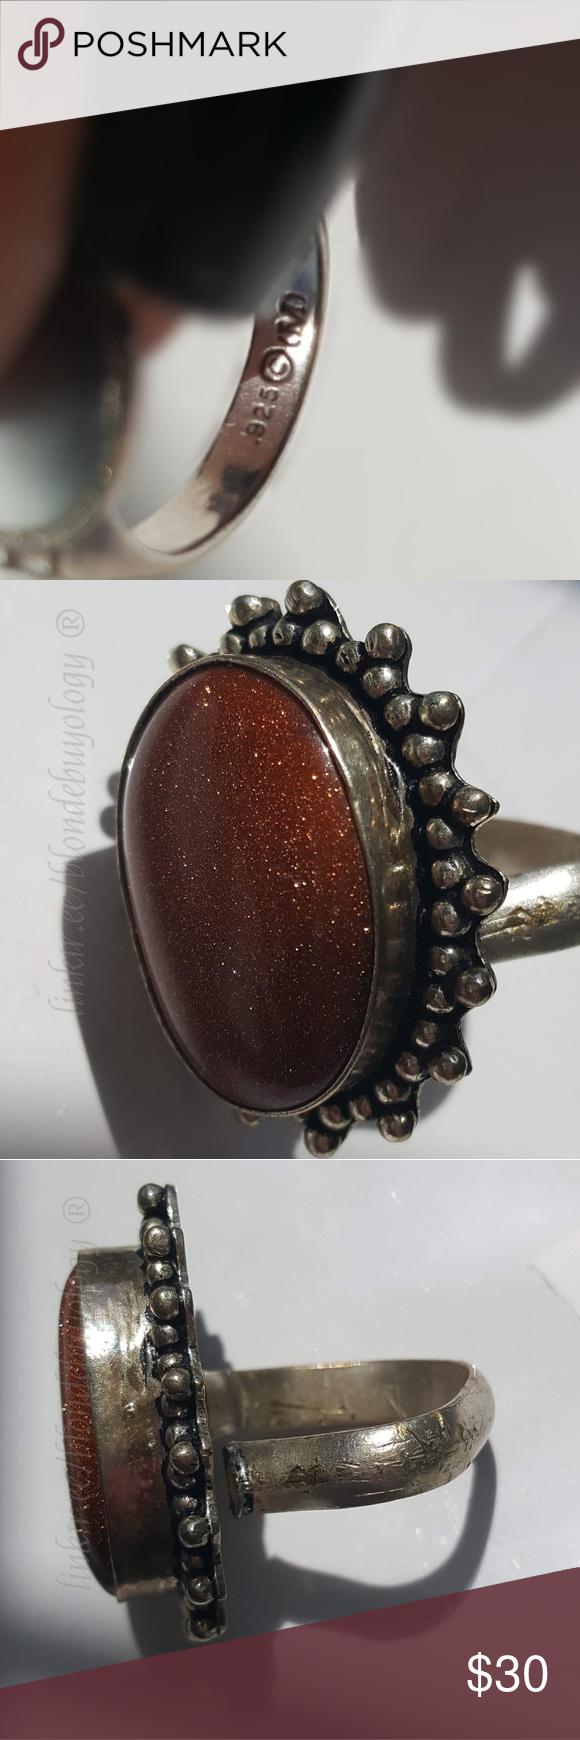 Vintage goldstone ring adjustable band large stone Vintage